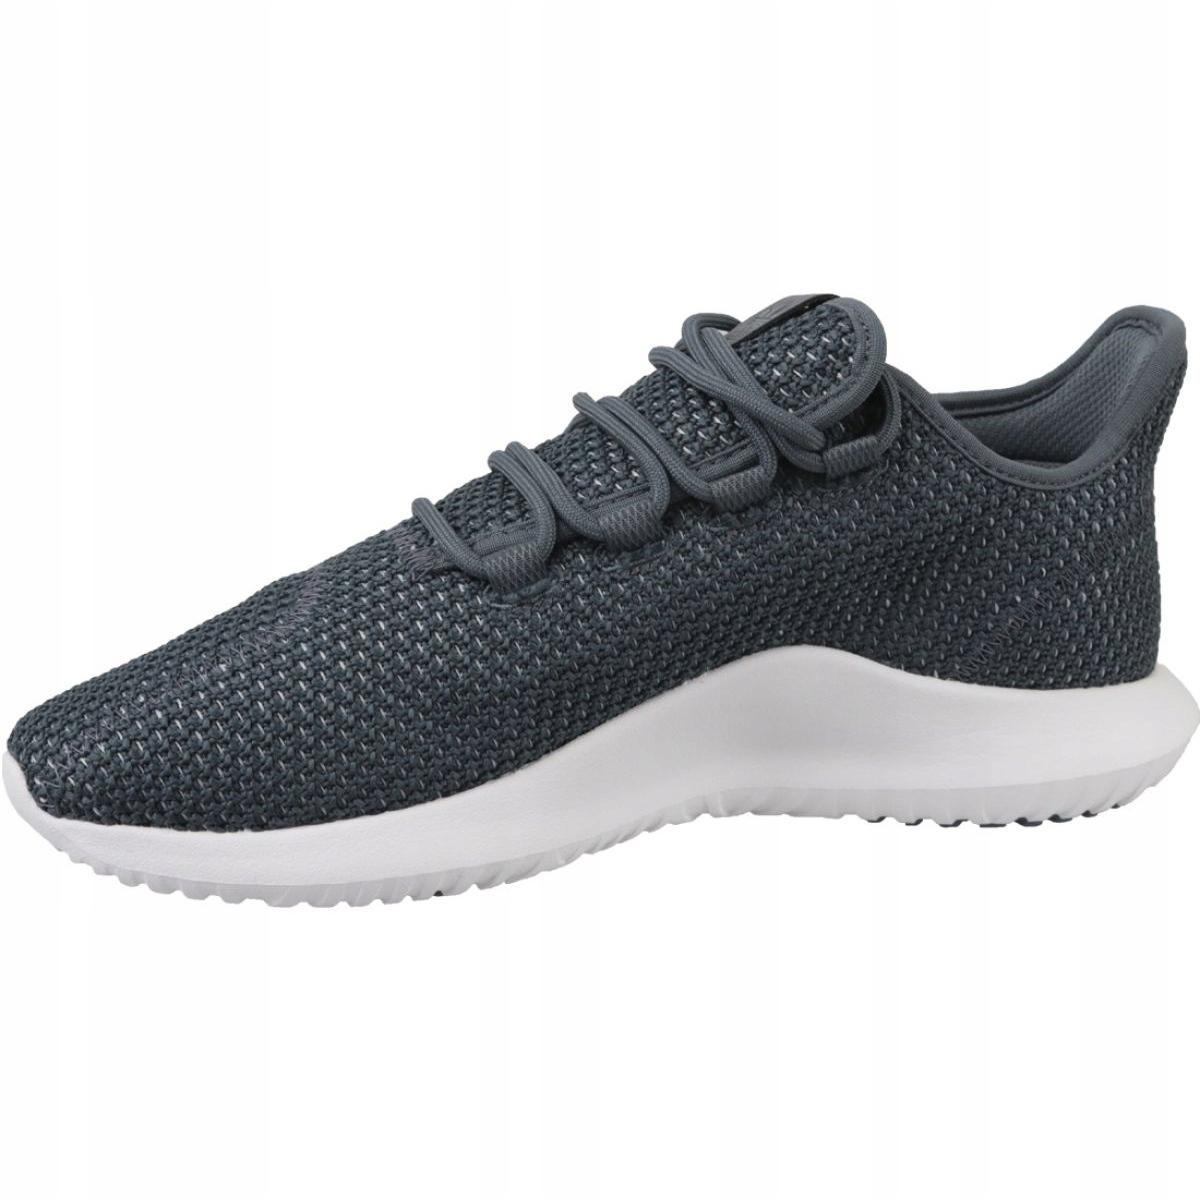 brand new afc4c 43c08 Grey Adidas Tubular Shadow Ck M B37713 shoes